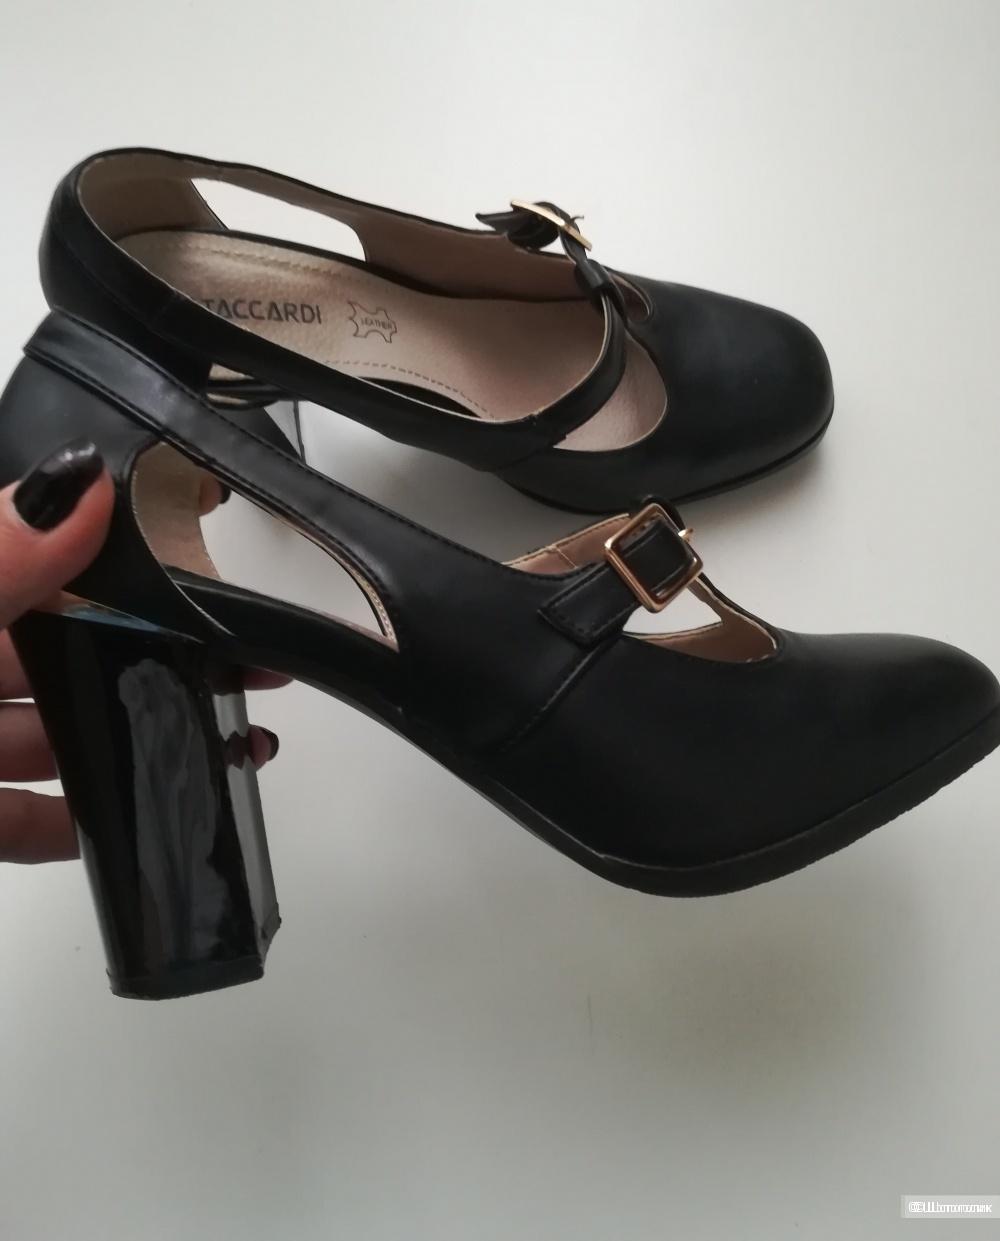 Туфли taccardi, размер 37/37,5